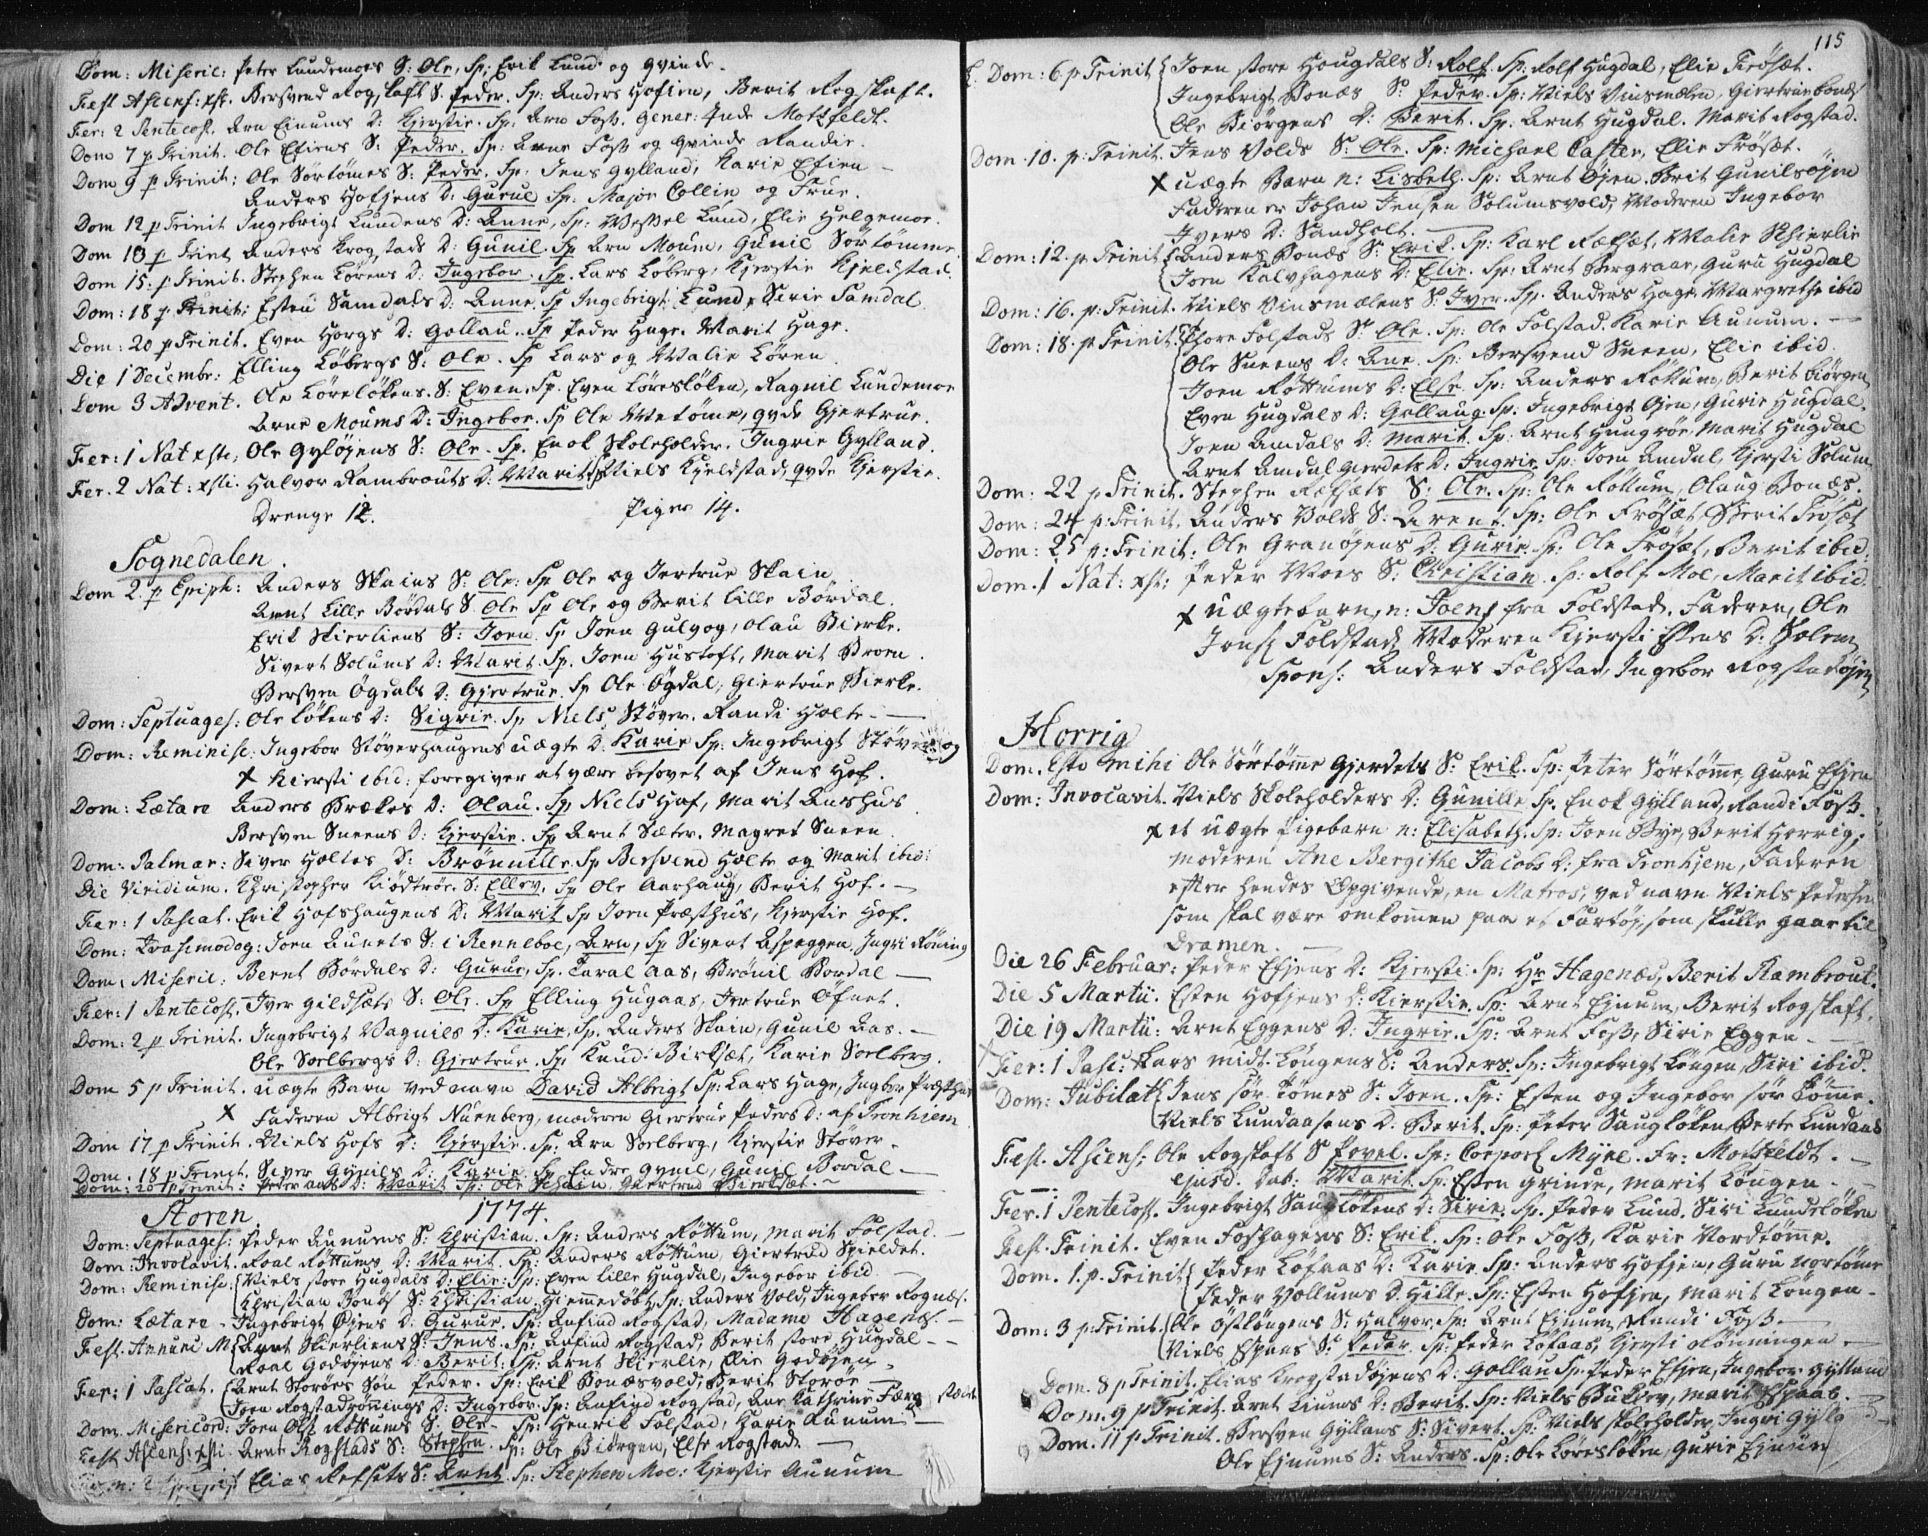 SAT, Ministerialprotokoller, klokkerbøker og fødselsregistre - Sør-Trøndelag, 687/L0991: Ministerialbok nr. 687A02, 1747-1790, s. 115